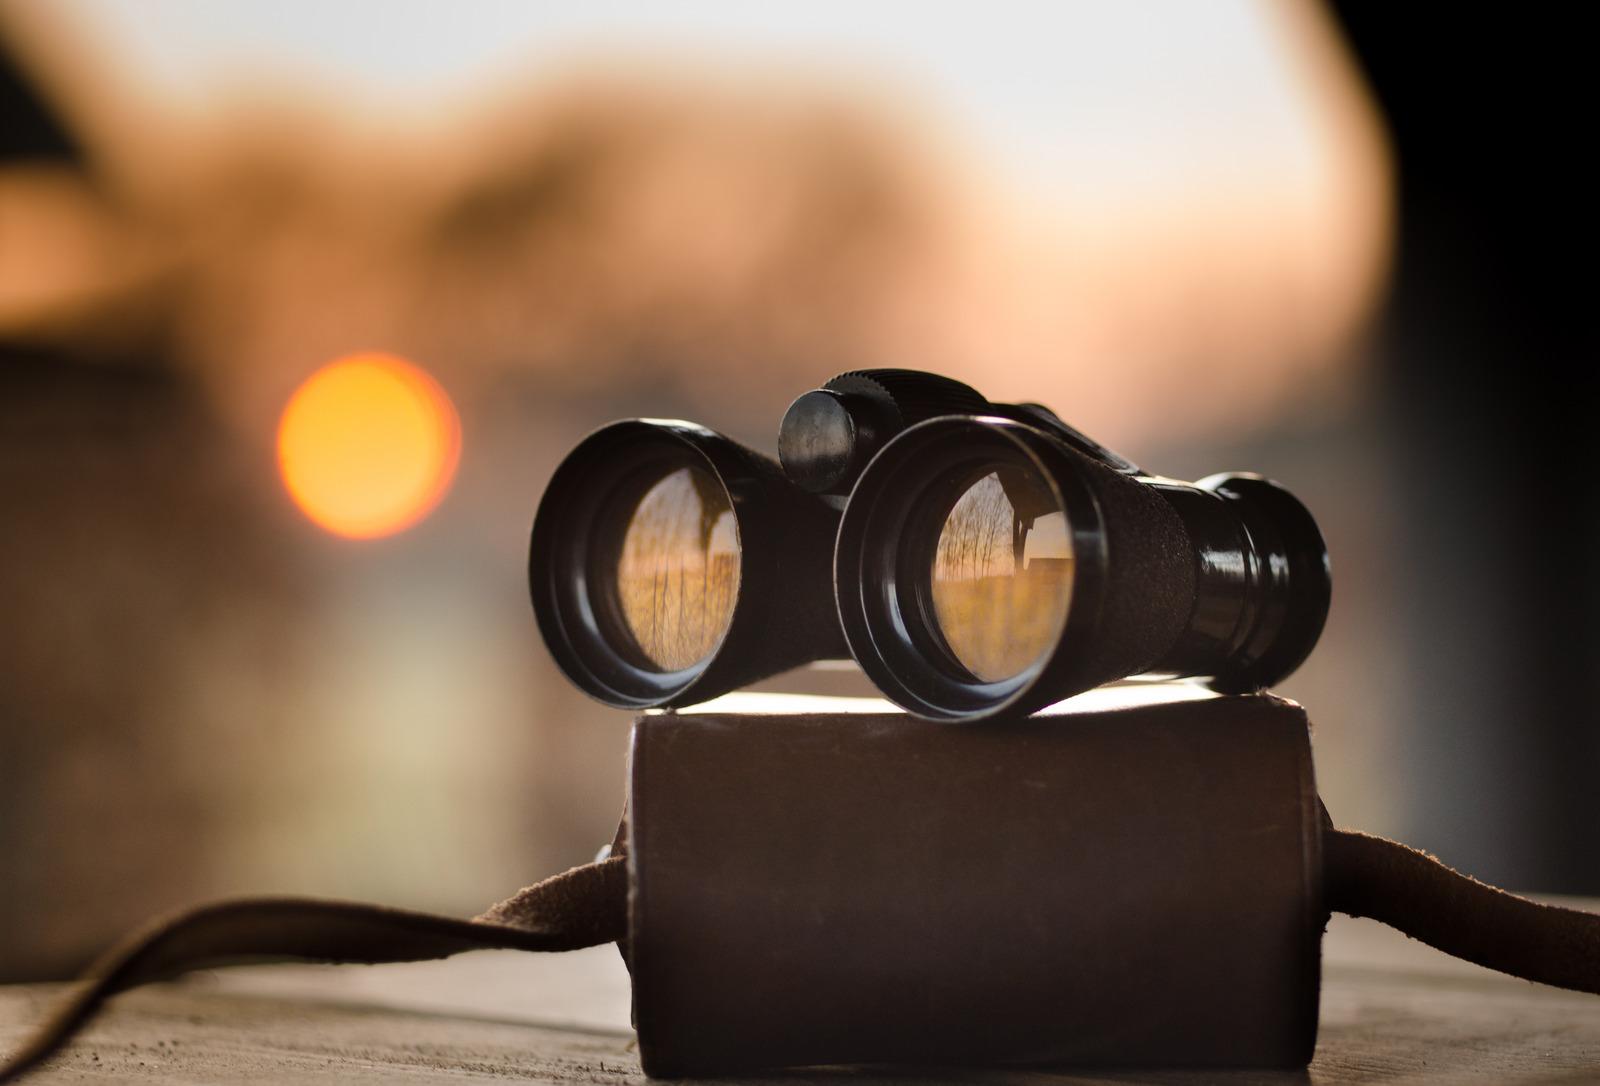 Binoculars to see the future